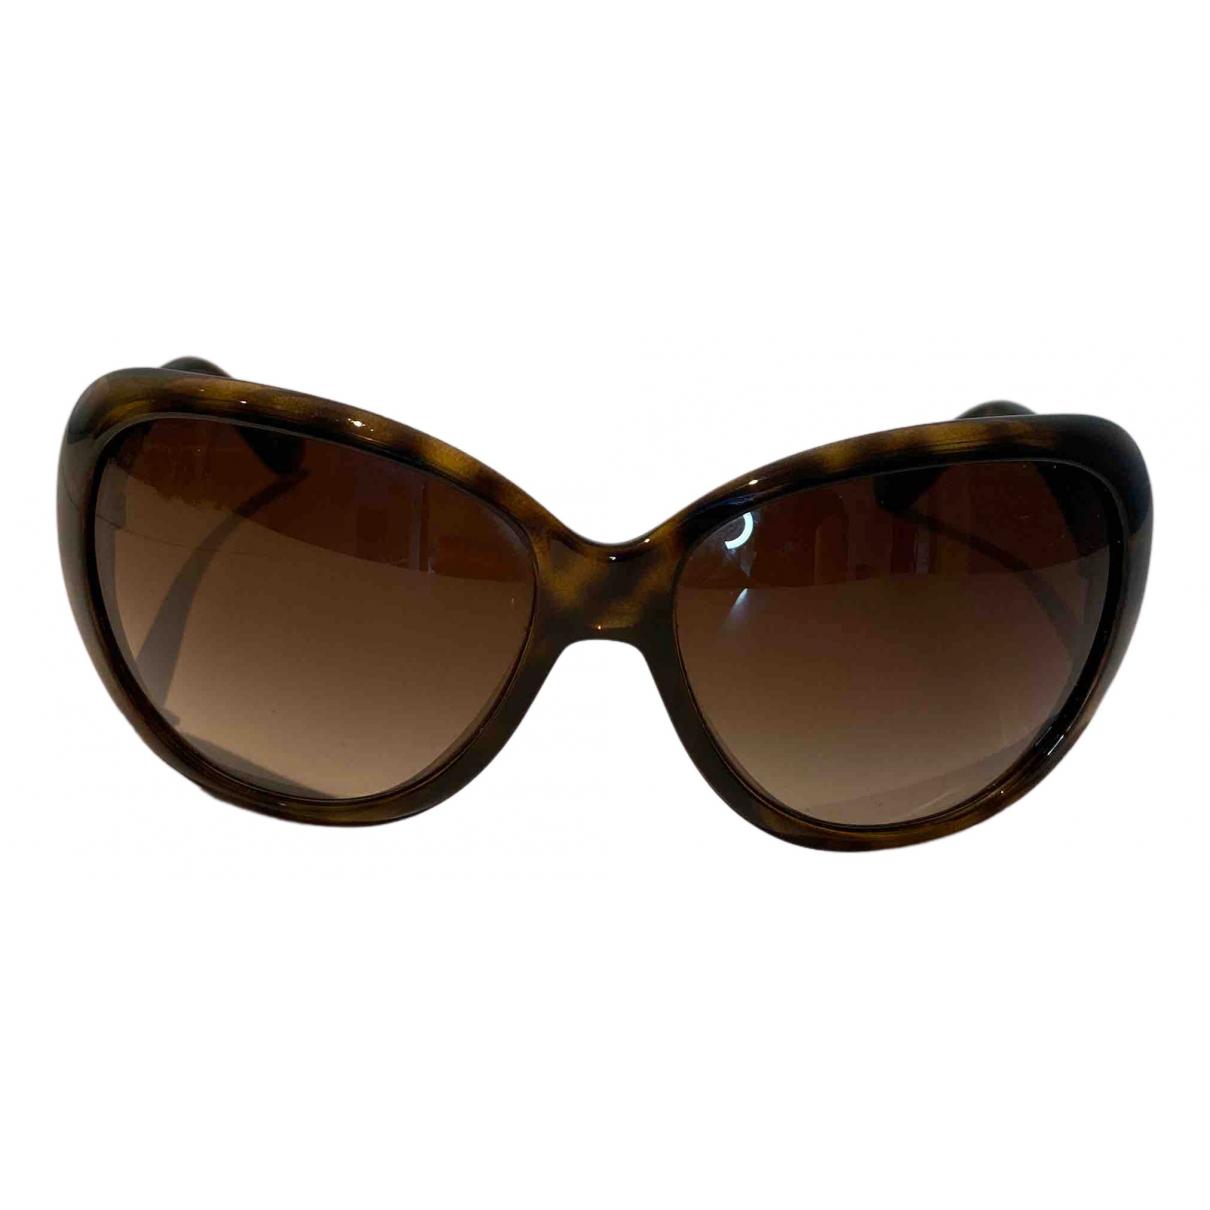 Gafas oversize D&g